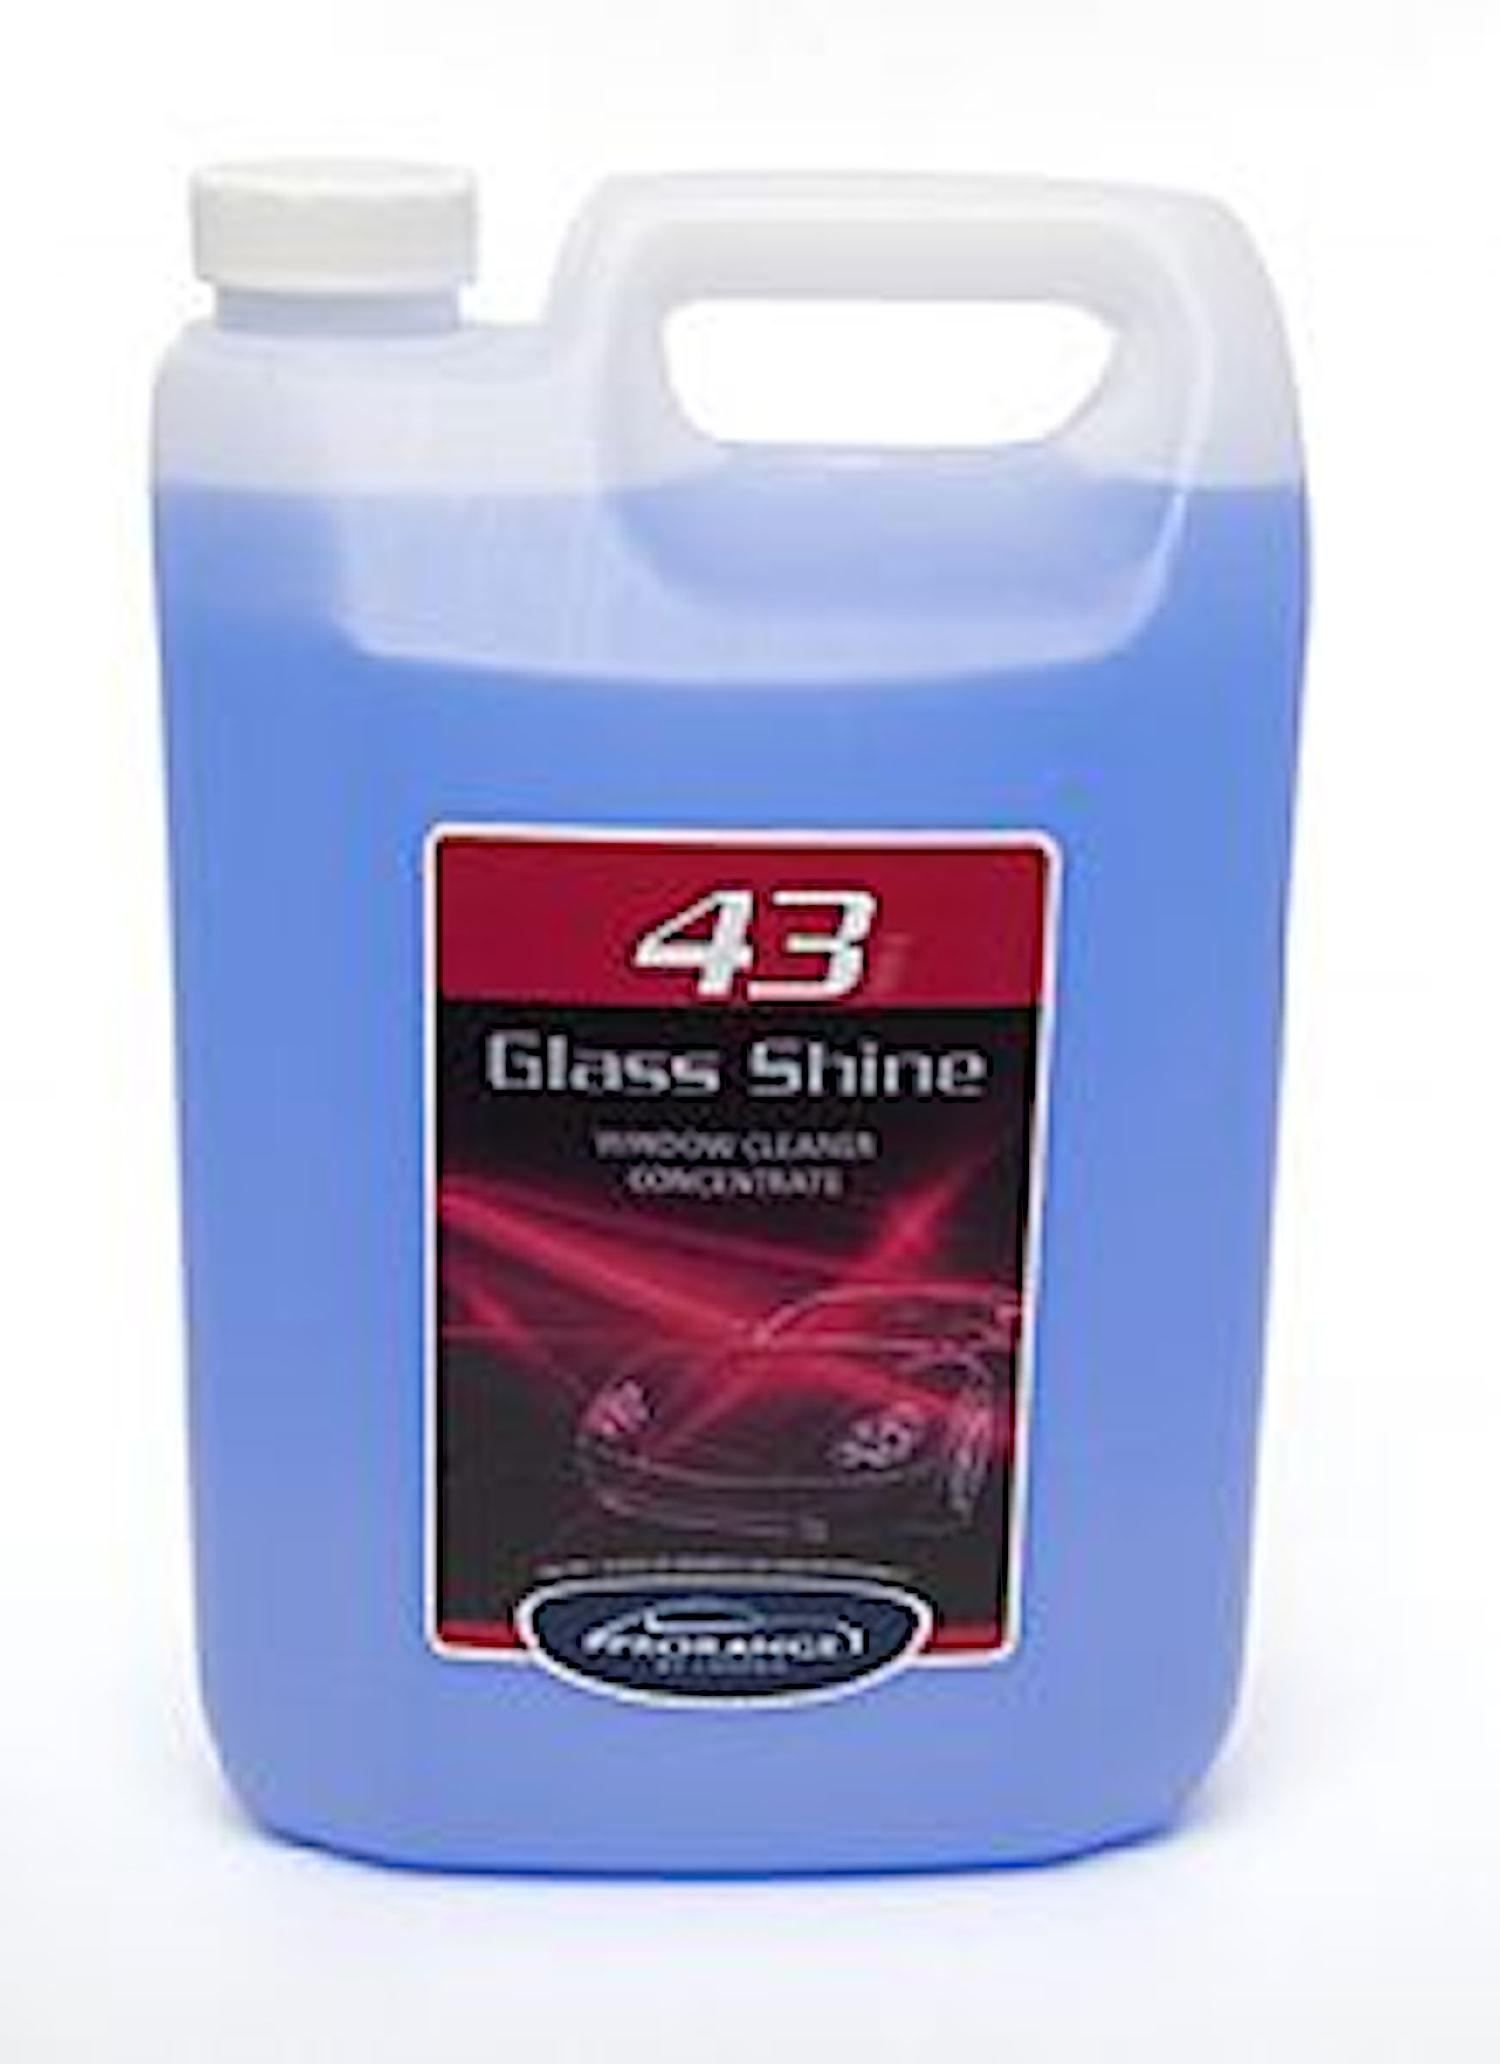 Glass Shine 43i 5L